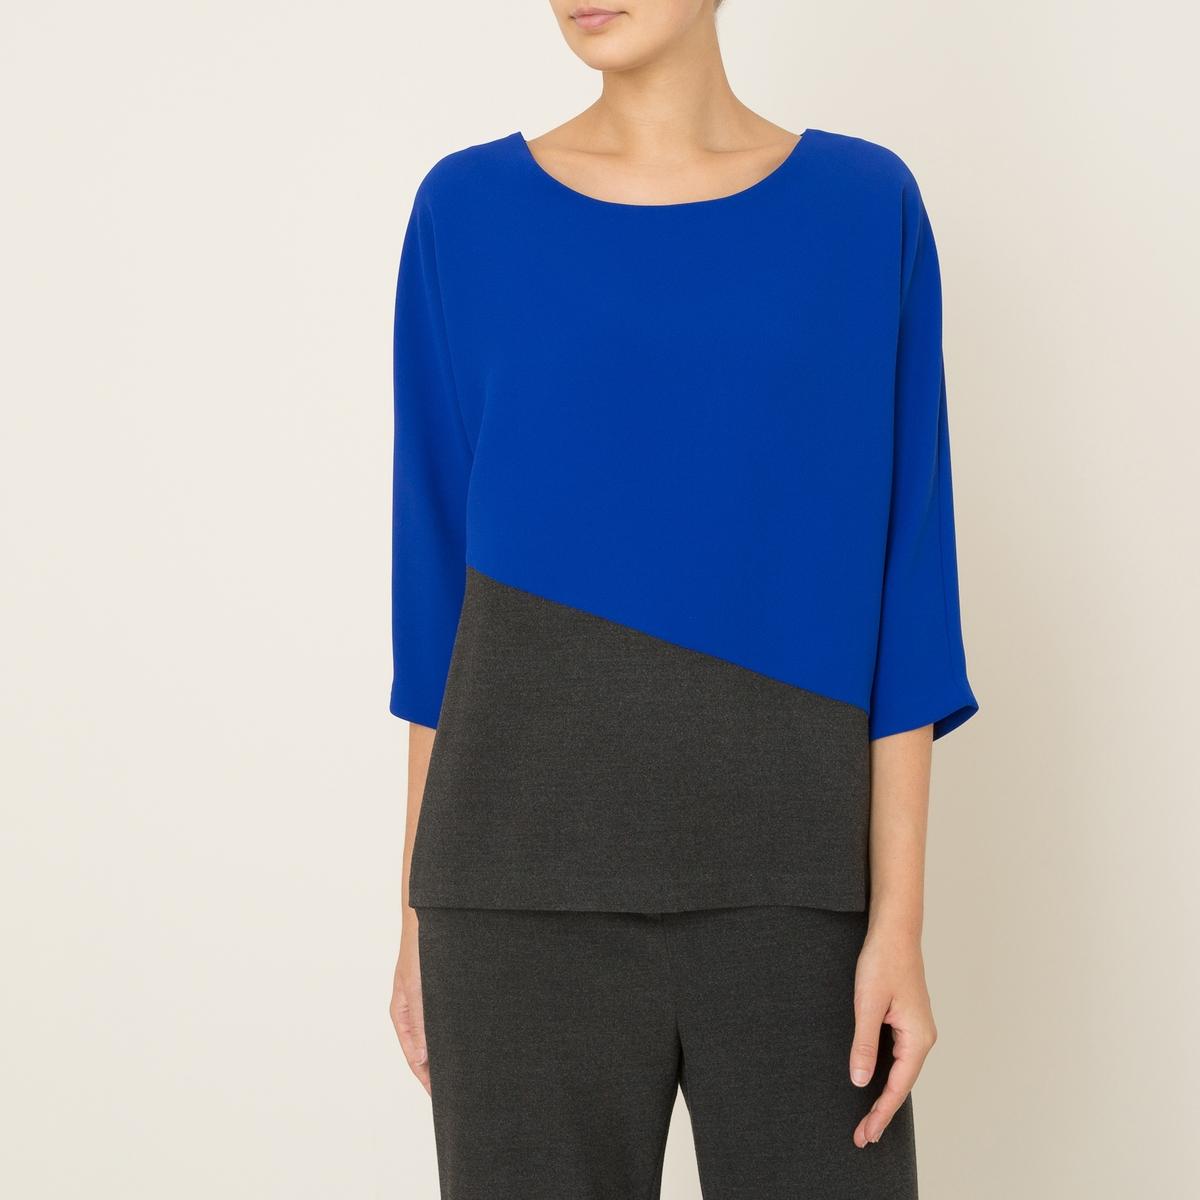 Блузка объемная SAUVAGEБлузка TOUPY - модель SAUVAGE, двухцветная. Объемный покрой. Вырез-лодочка. Рукава 3/4. Асимметричные отрезные детали.      Состав и описание     Материал : 100% полиэстер     Марка : TOUPY<br><br>Цвет: синий/ серый